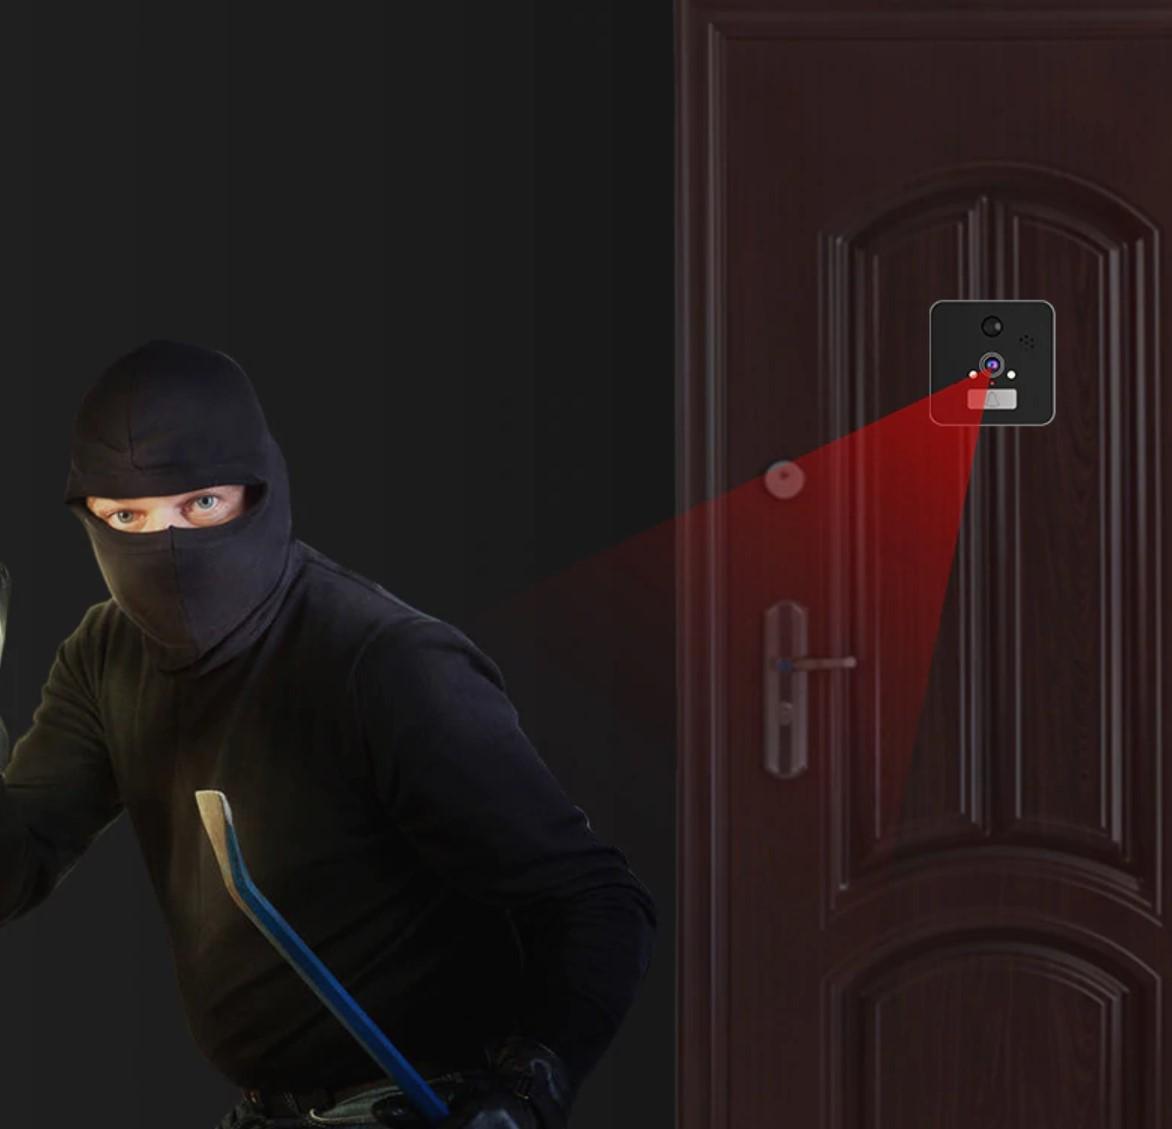 экшен камера как видеоглазок для охраны и защиты дома